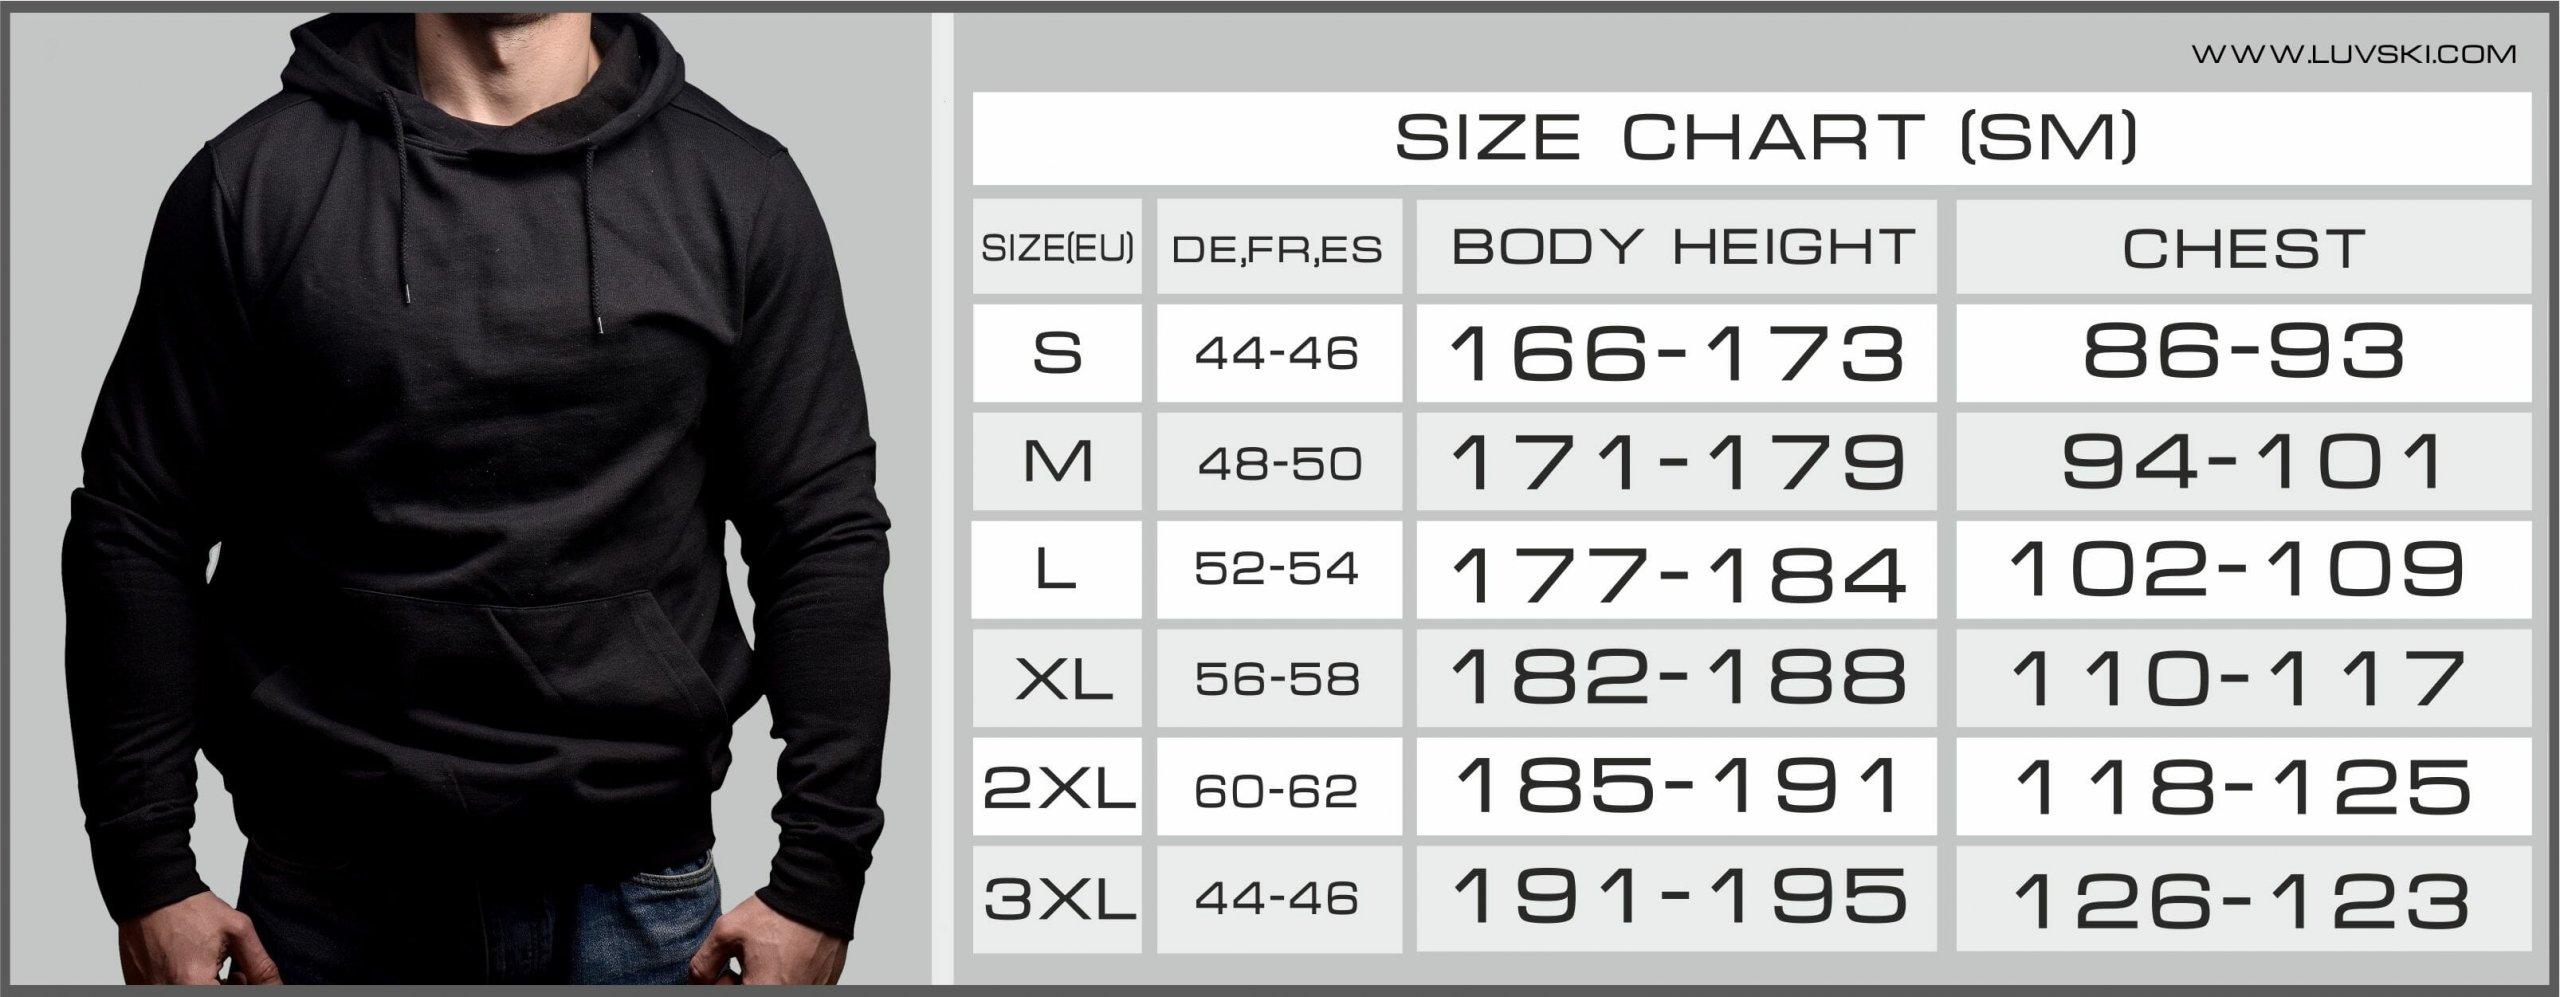 Siza Chart Sweatshirt